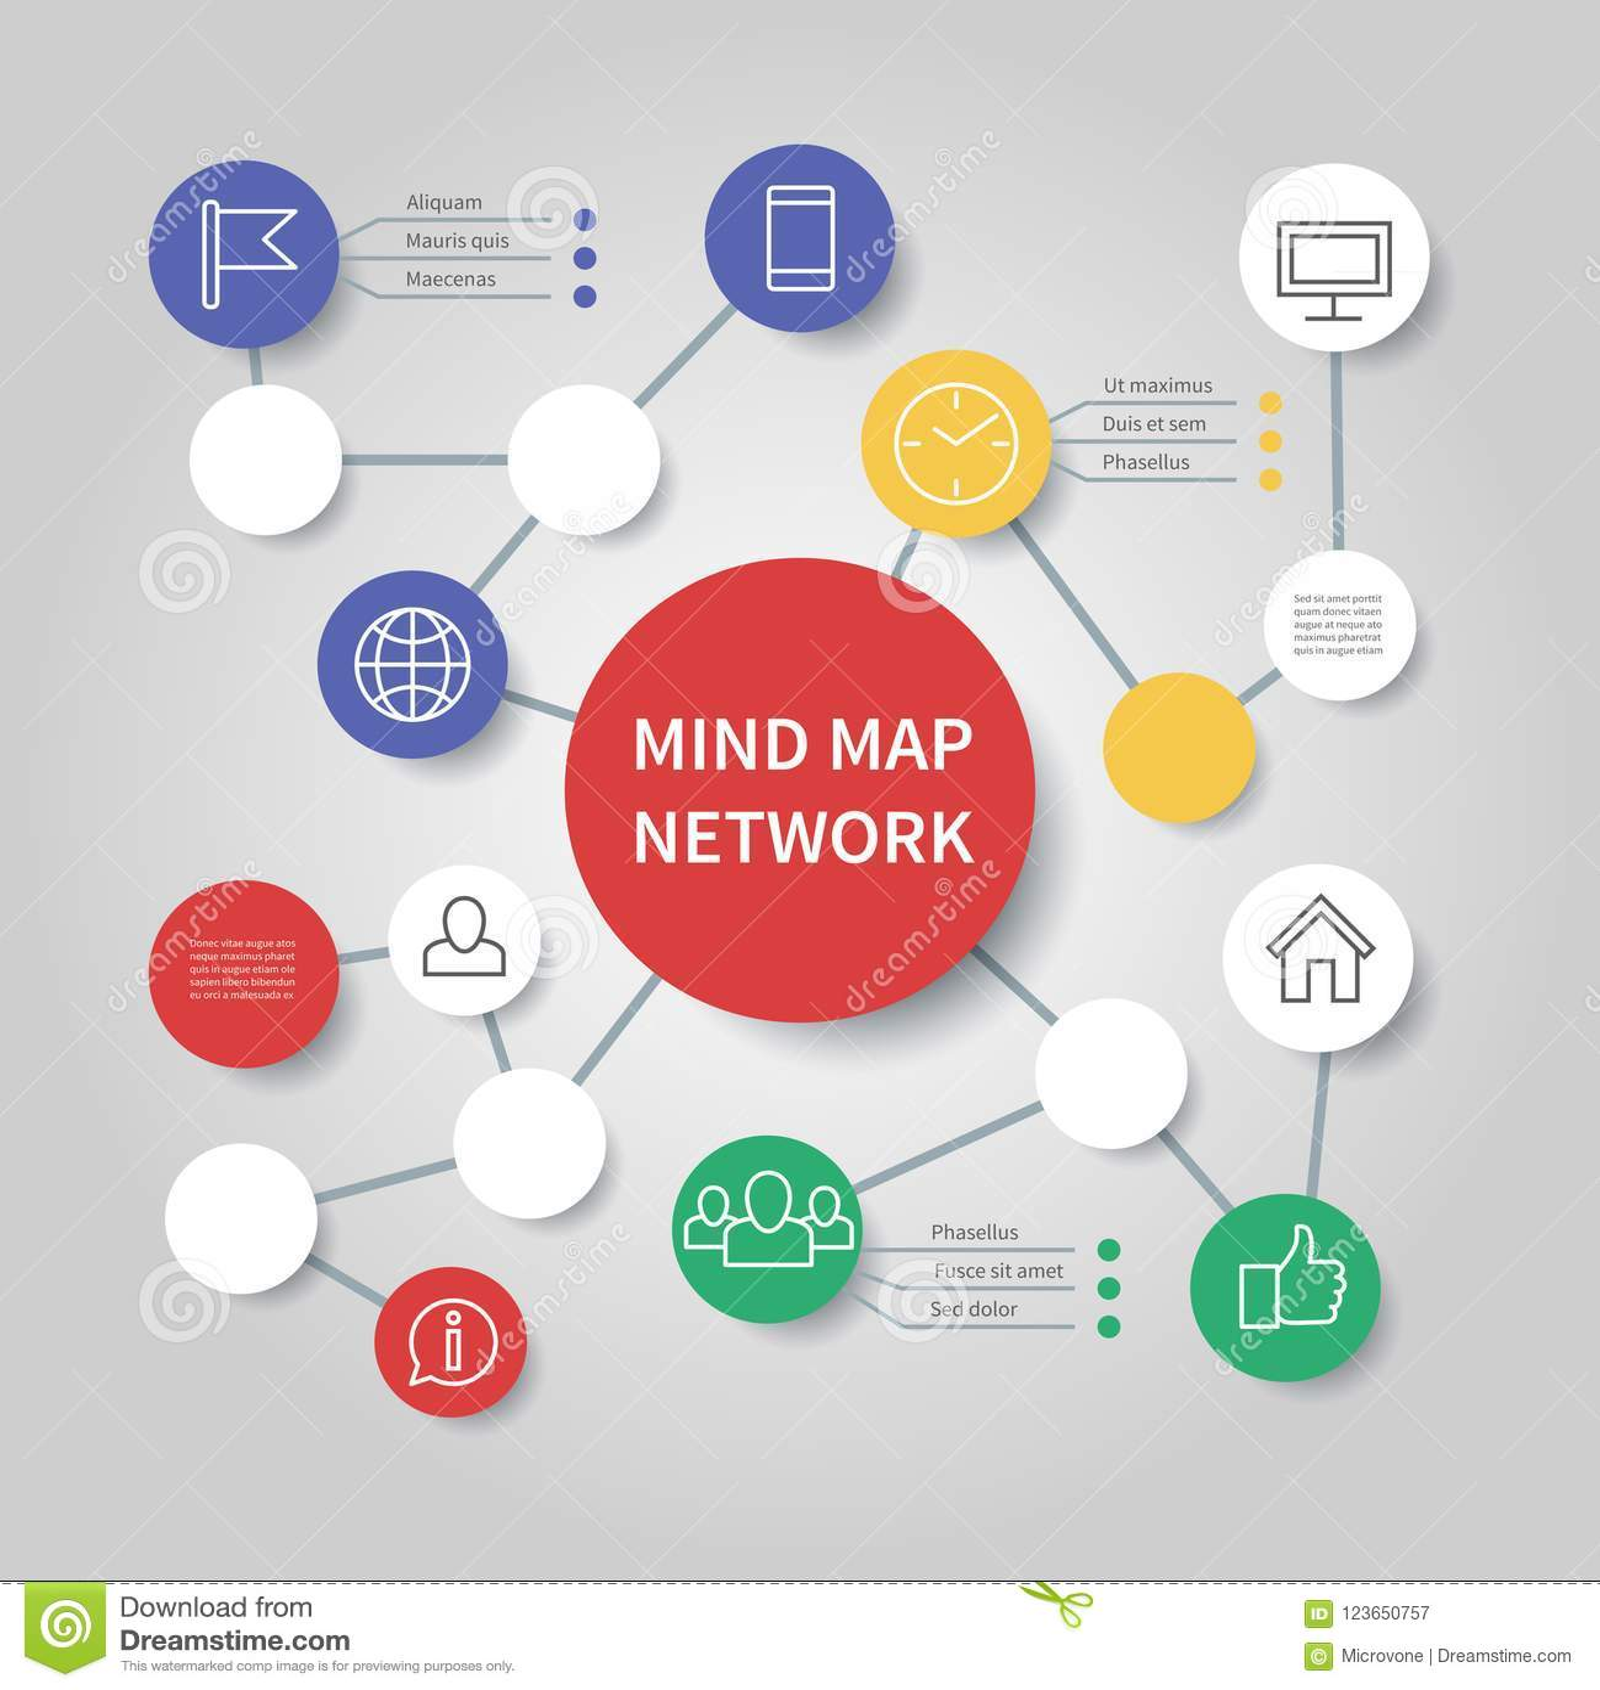 心智图网络图 留心流程图infographic传染媒介模板